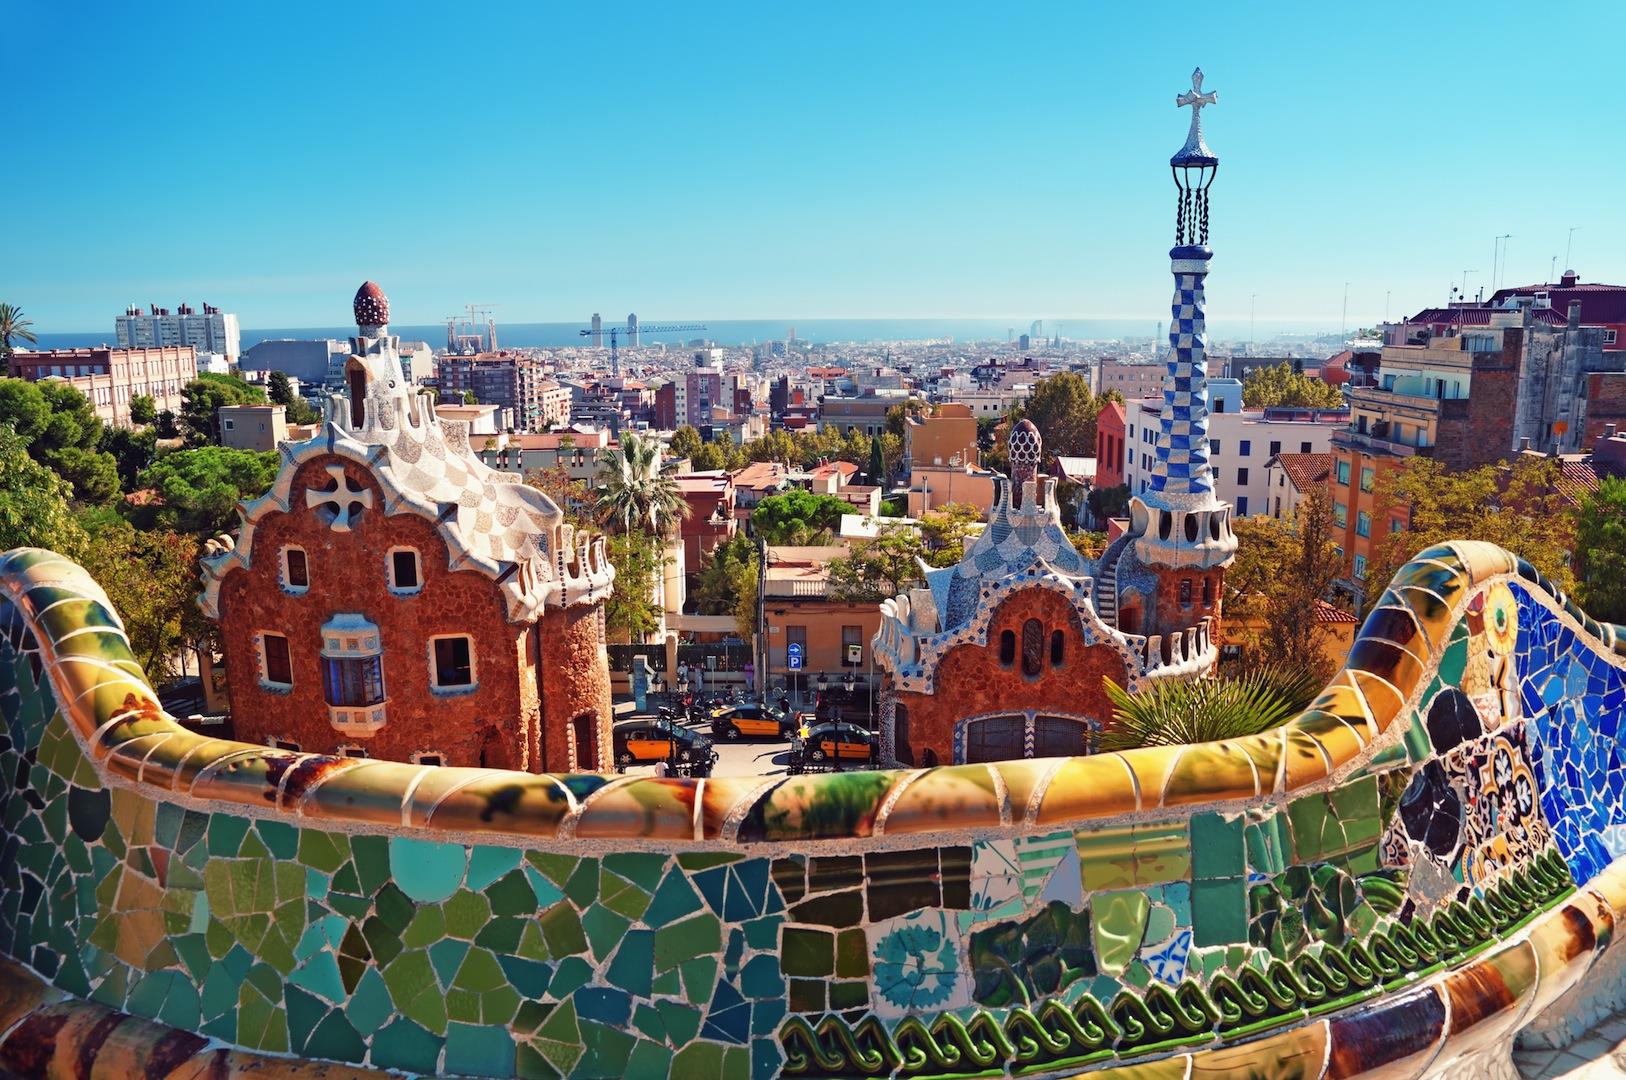 venkovni-mozaika-antonio-gaudi-barcelona